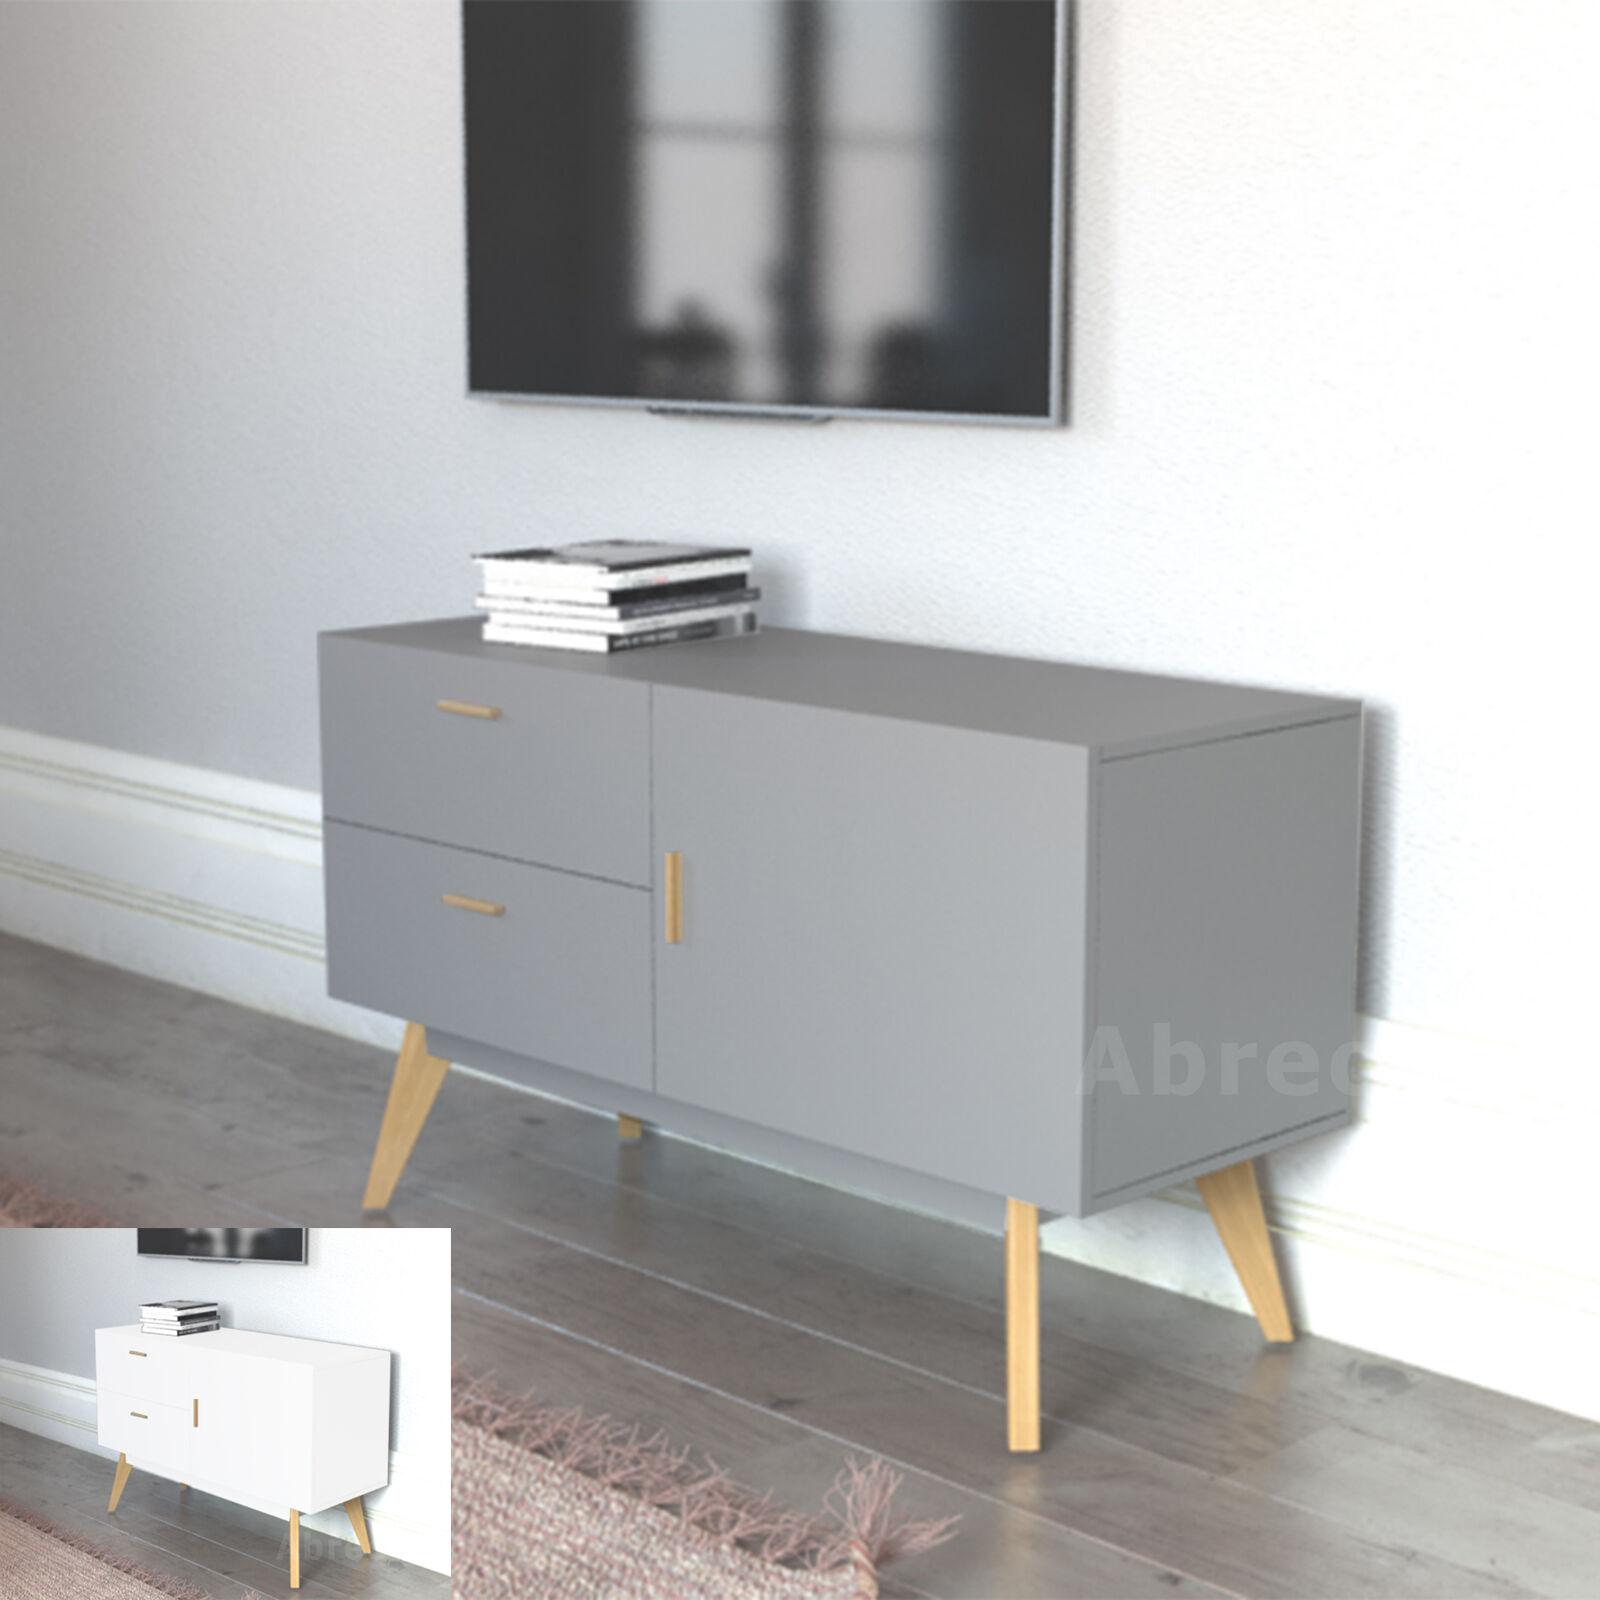 Retro Credenza New Scandinavian Credenza Retro Tv Stand Sideboard Furniture White